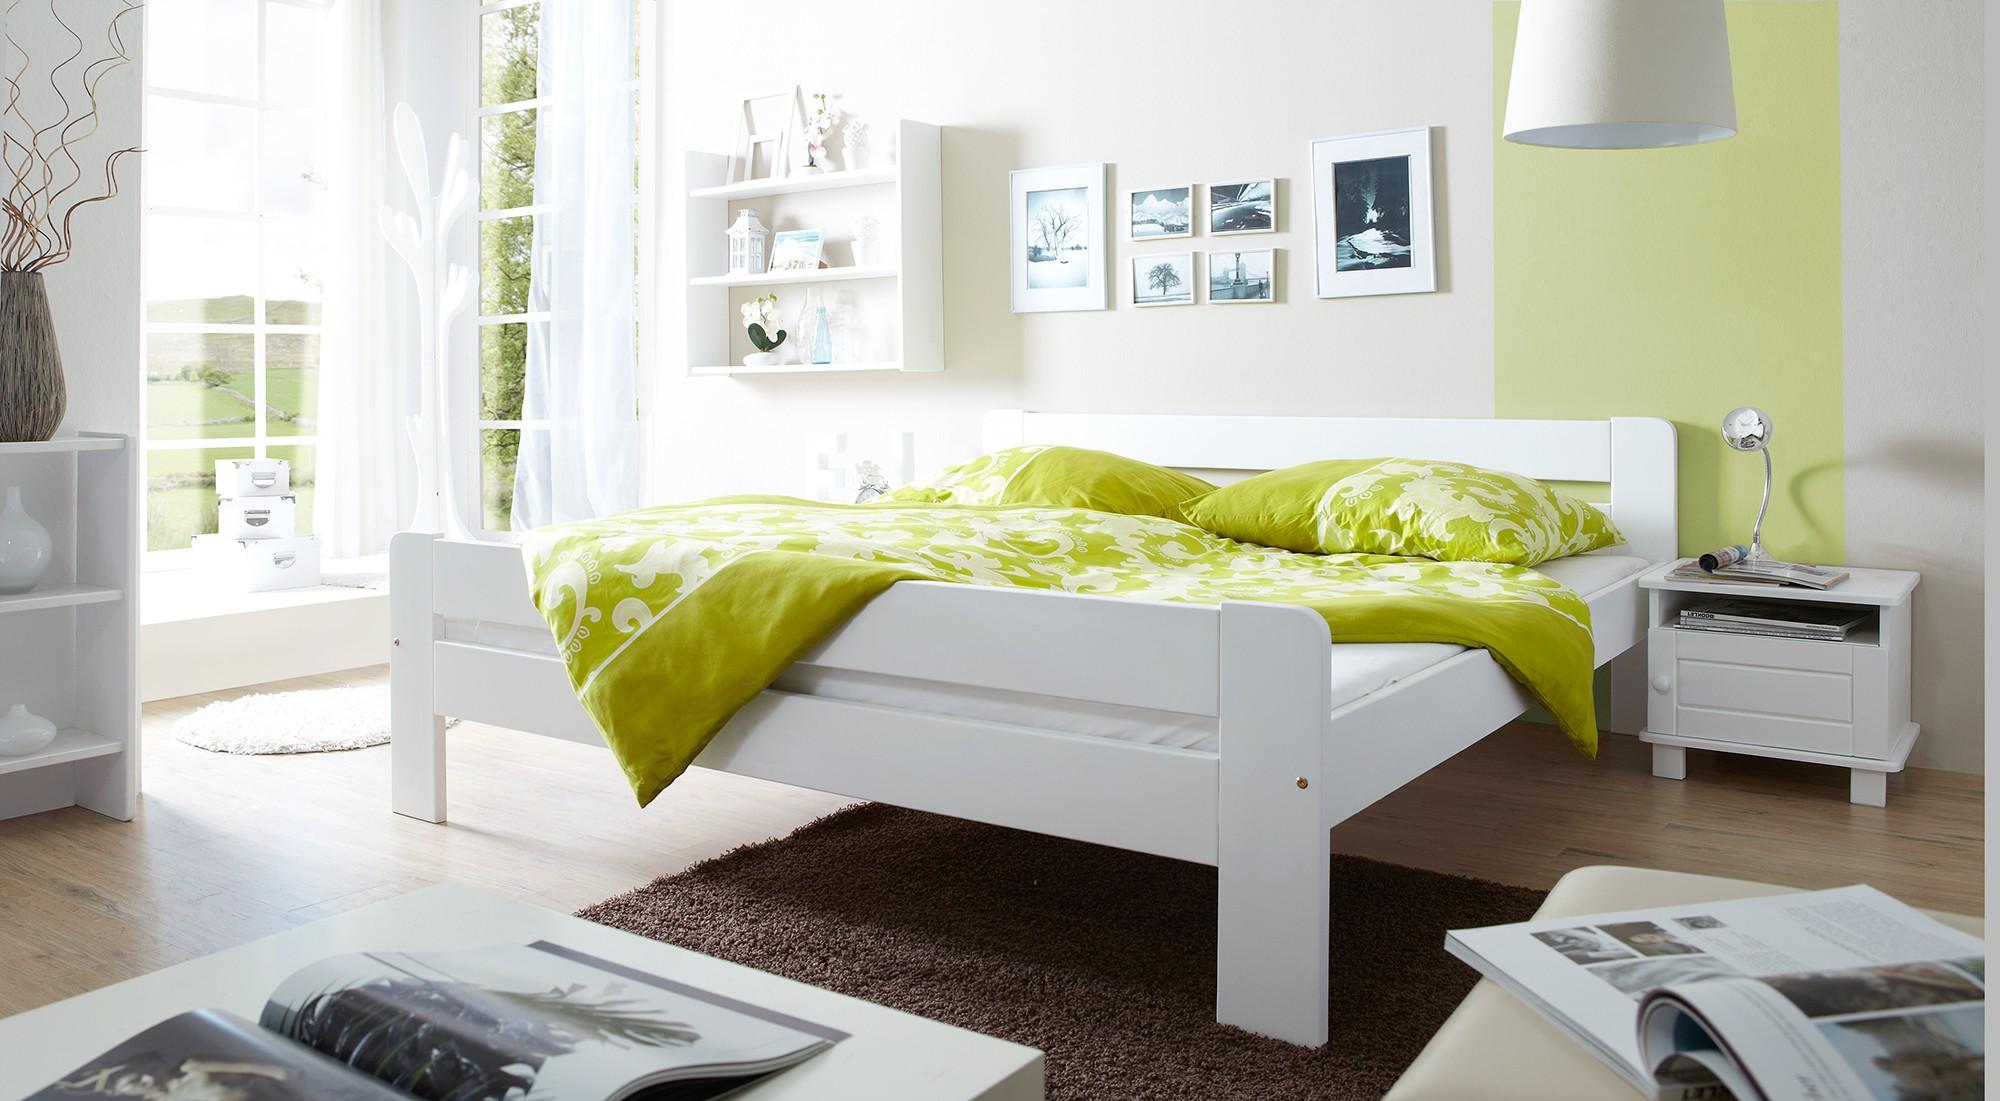 Wunderbar Einzelbett Weiß Das Beste Von 140x200 Mod.857668 Kiefer Weiss